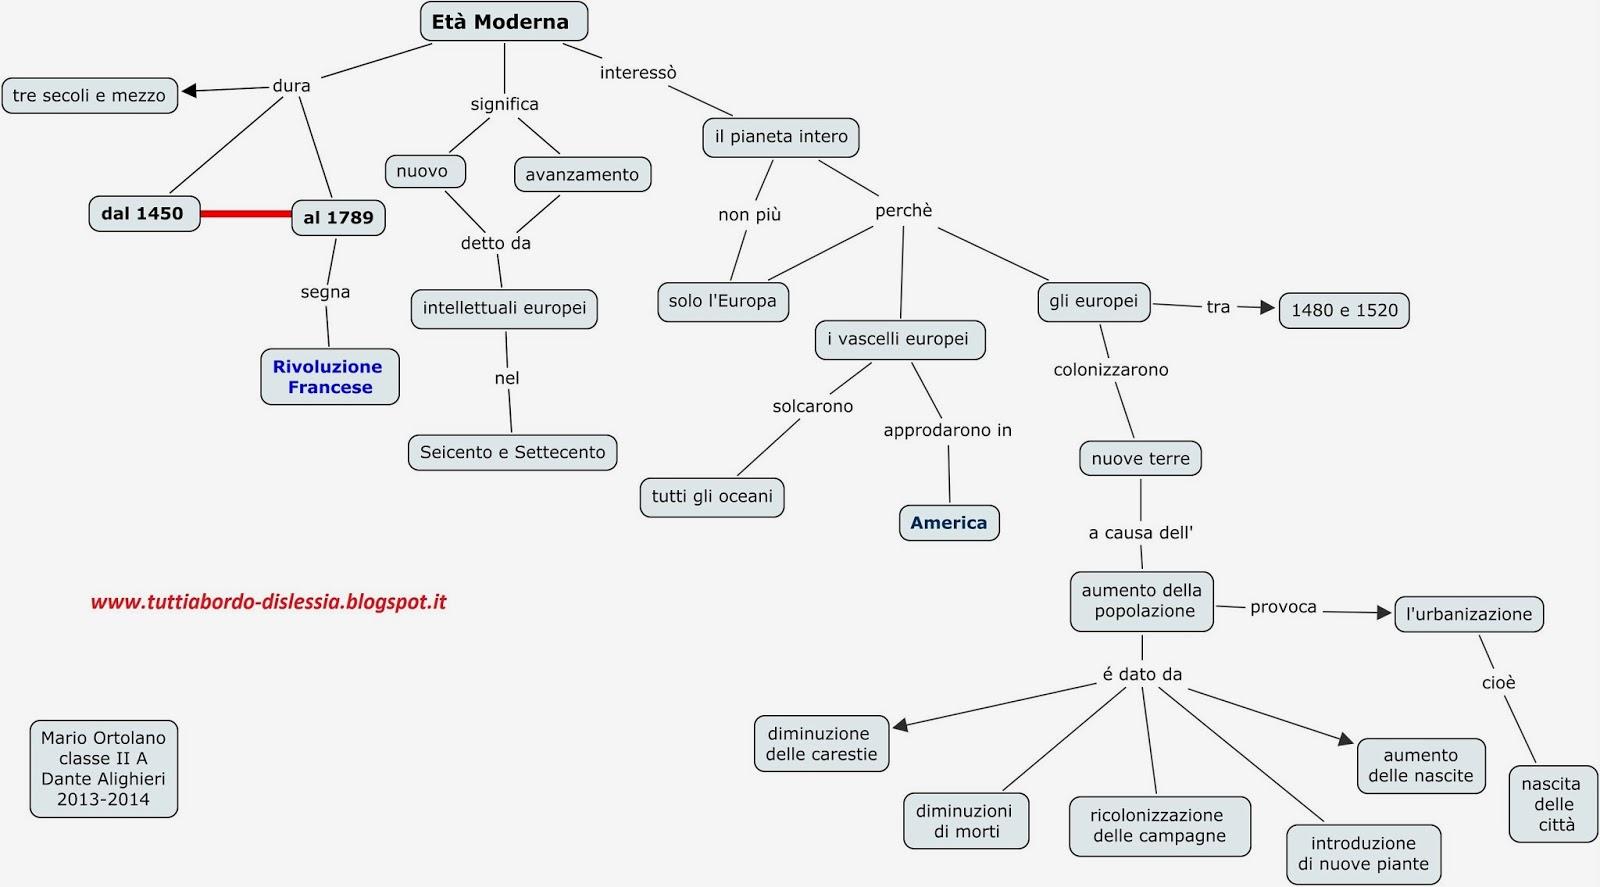 Conosciuto Tutti a bordo - dislessia: Età Moderna: mappa concettuale BN41